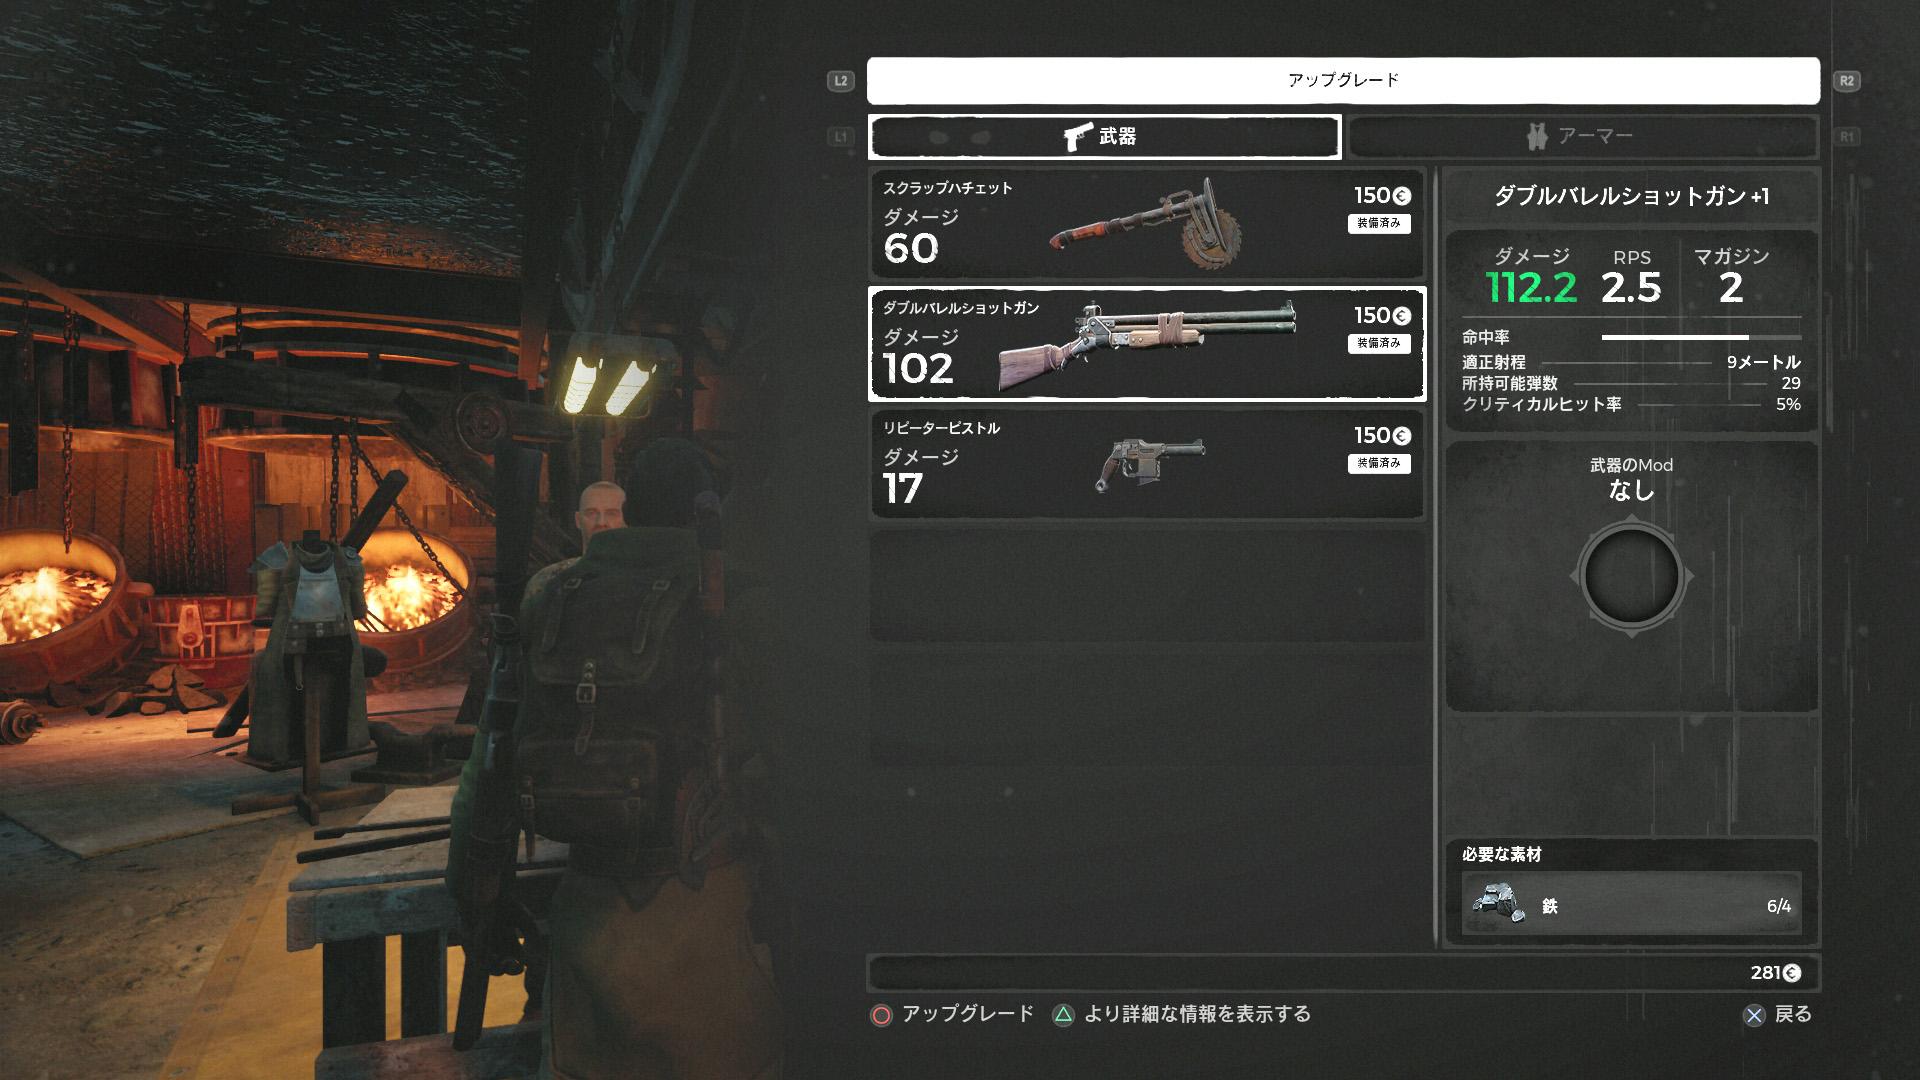 EX-カルティストの初期装備武器。中~近距離に強い武器を持つが、後に別のアーキタイプのものも入手できるようになる